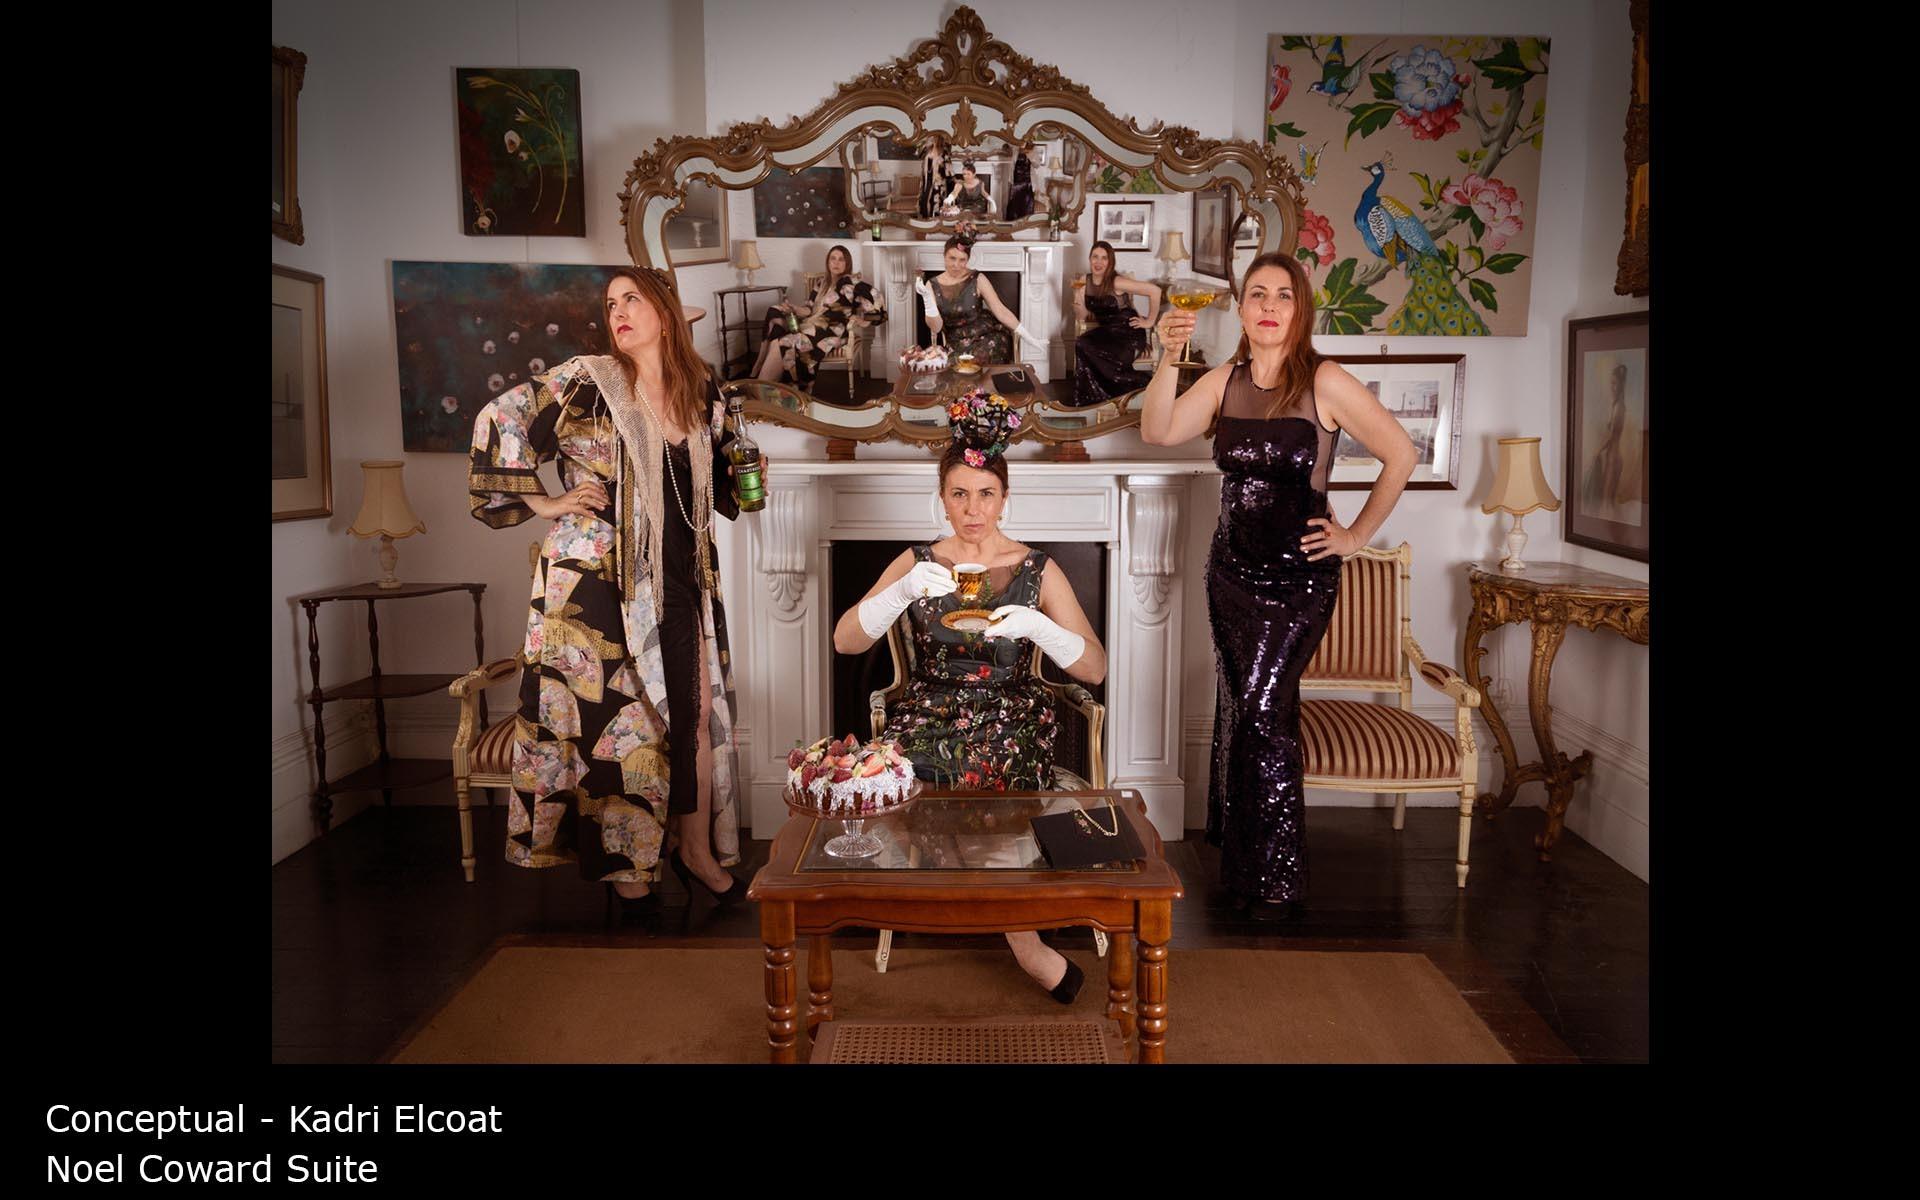 Noel Coward Suite - Kadri Elcoat